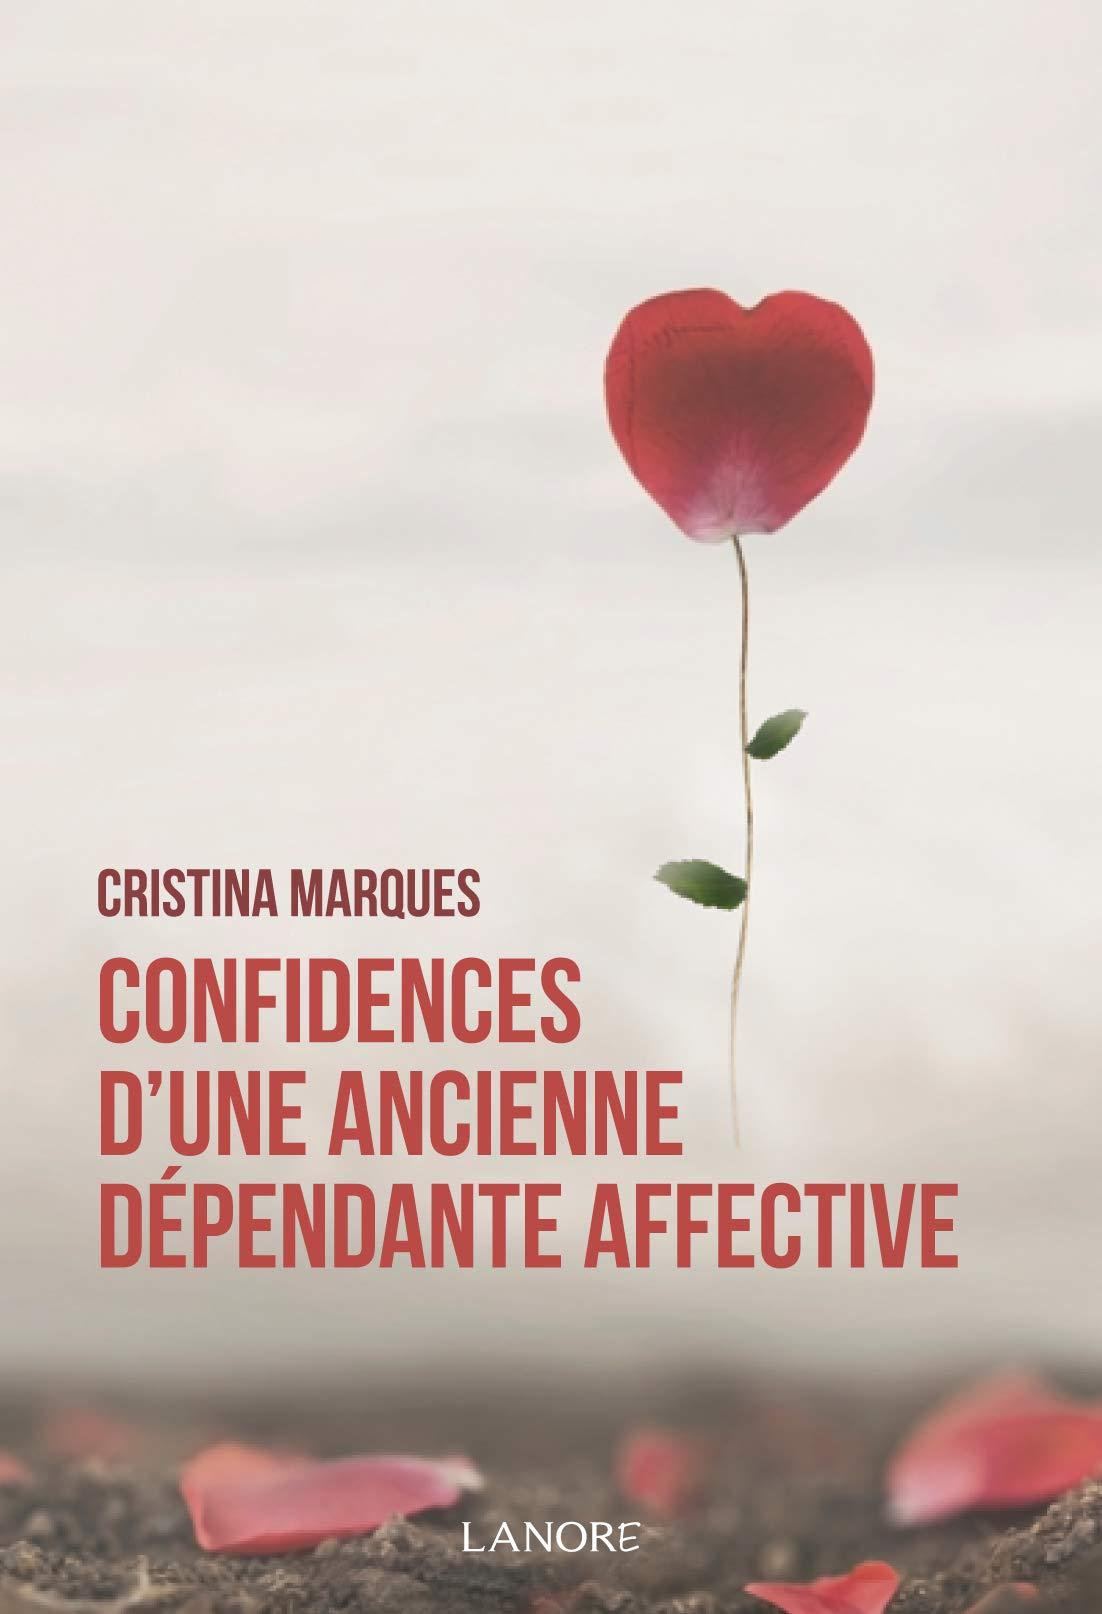 Cristina Marques - Livre Confidences d'une ancienne dépendante affective